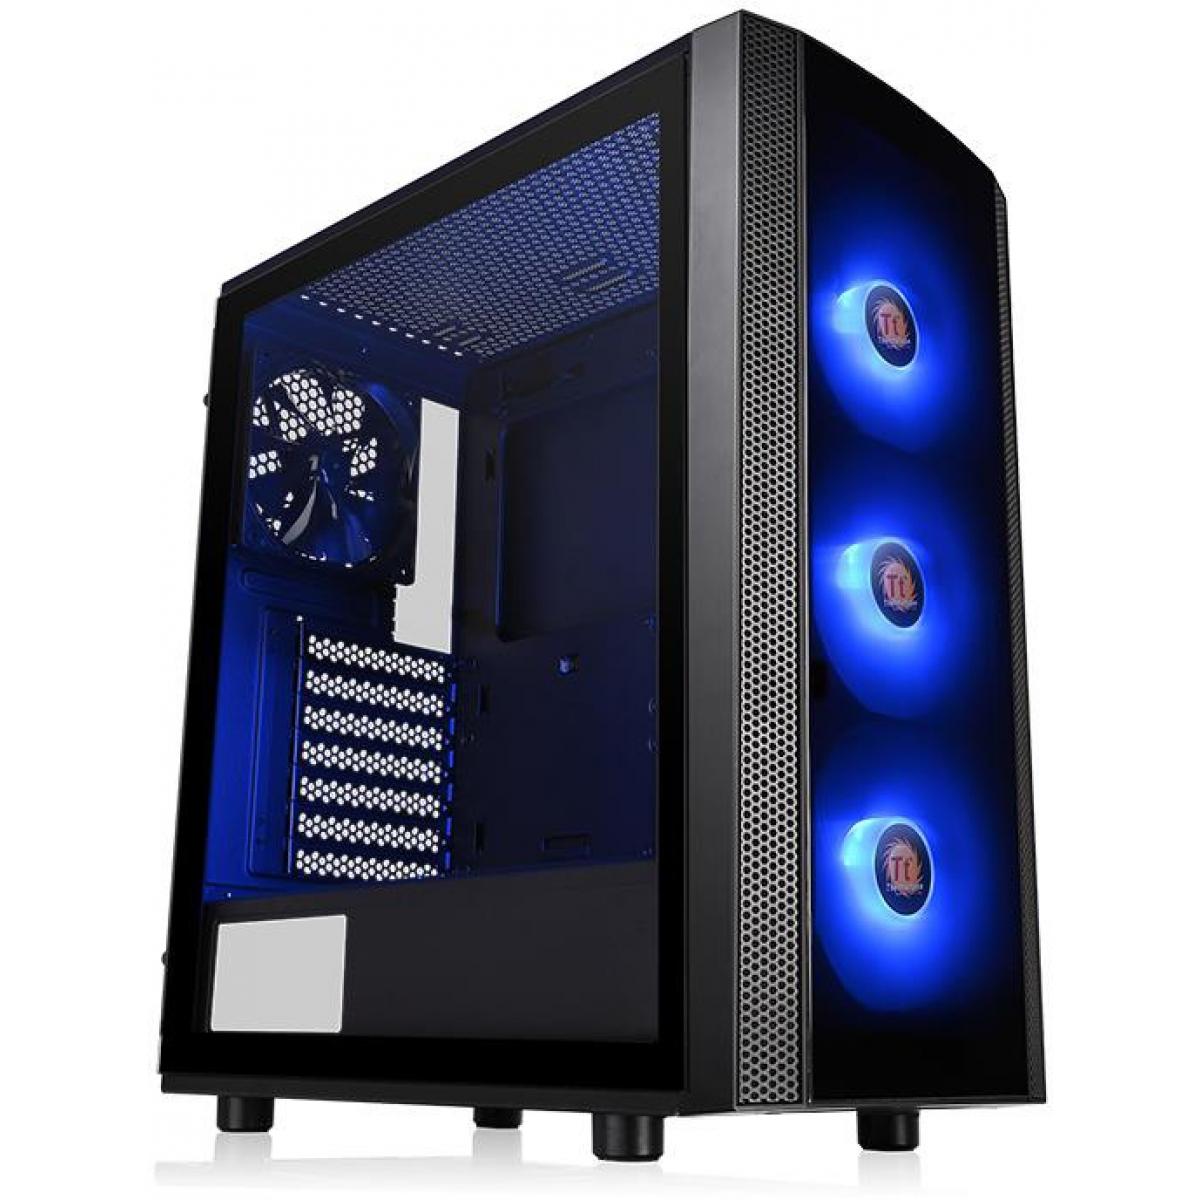 Gabinete Gamer Thermaltake Versa J25 RGB, Mid Tower, Com 4 Fans, Vidro Temperado, Black, S-Fonte, CA-1L8-00M1WN-01